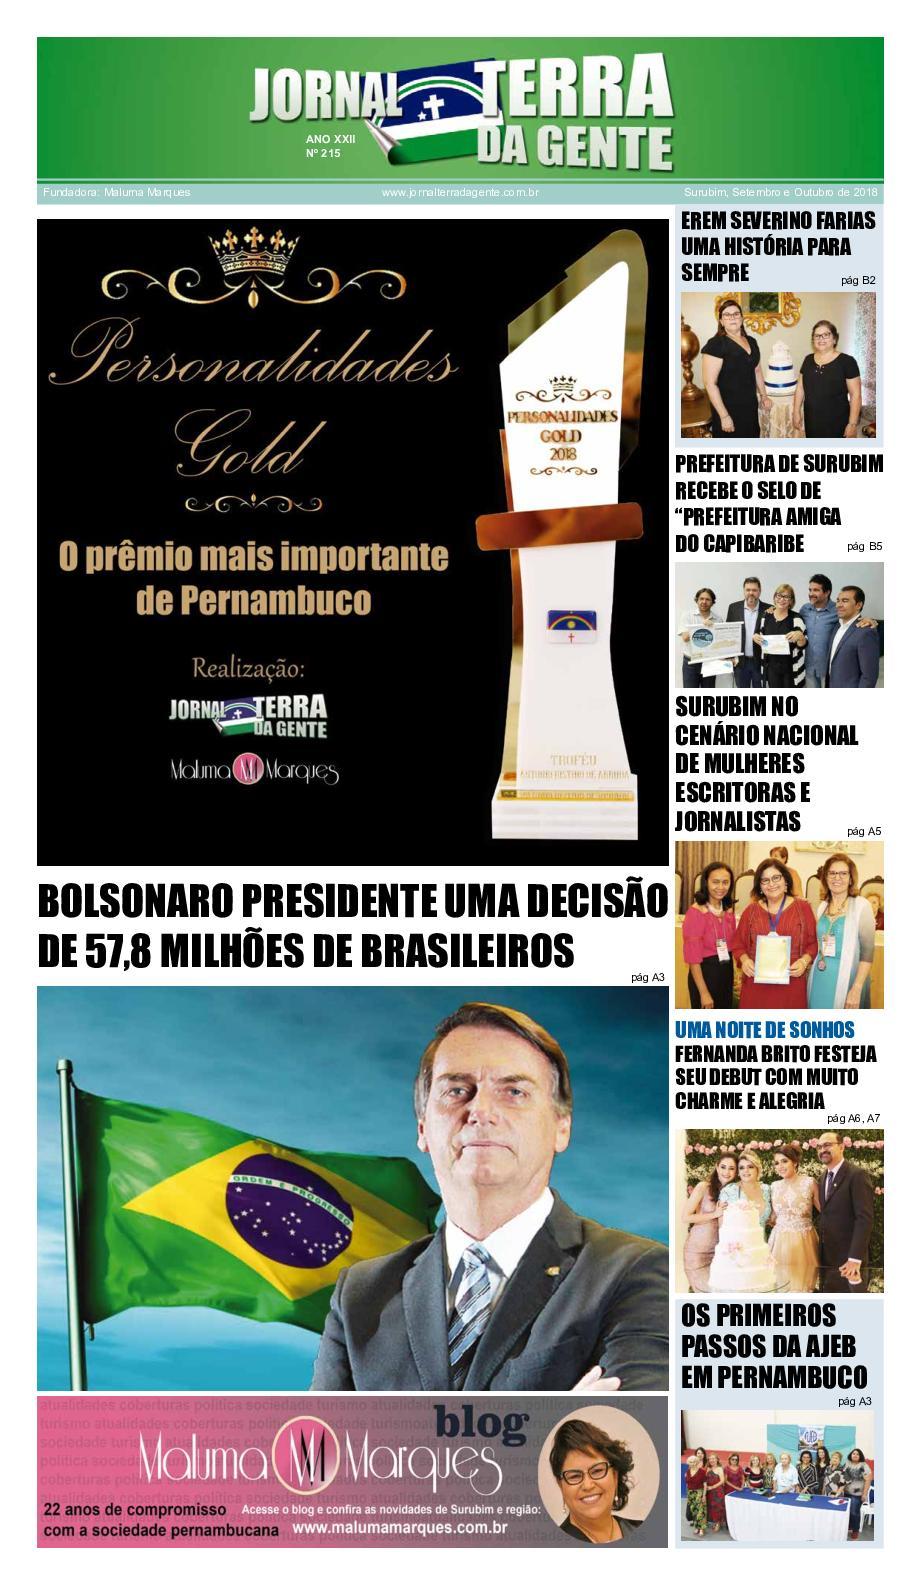 Calaméo - Jornal terra da gente - Edição digital Nº 215 90a46dca5f635